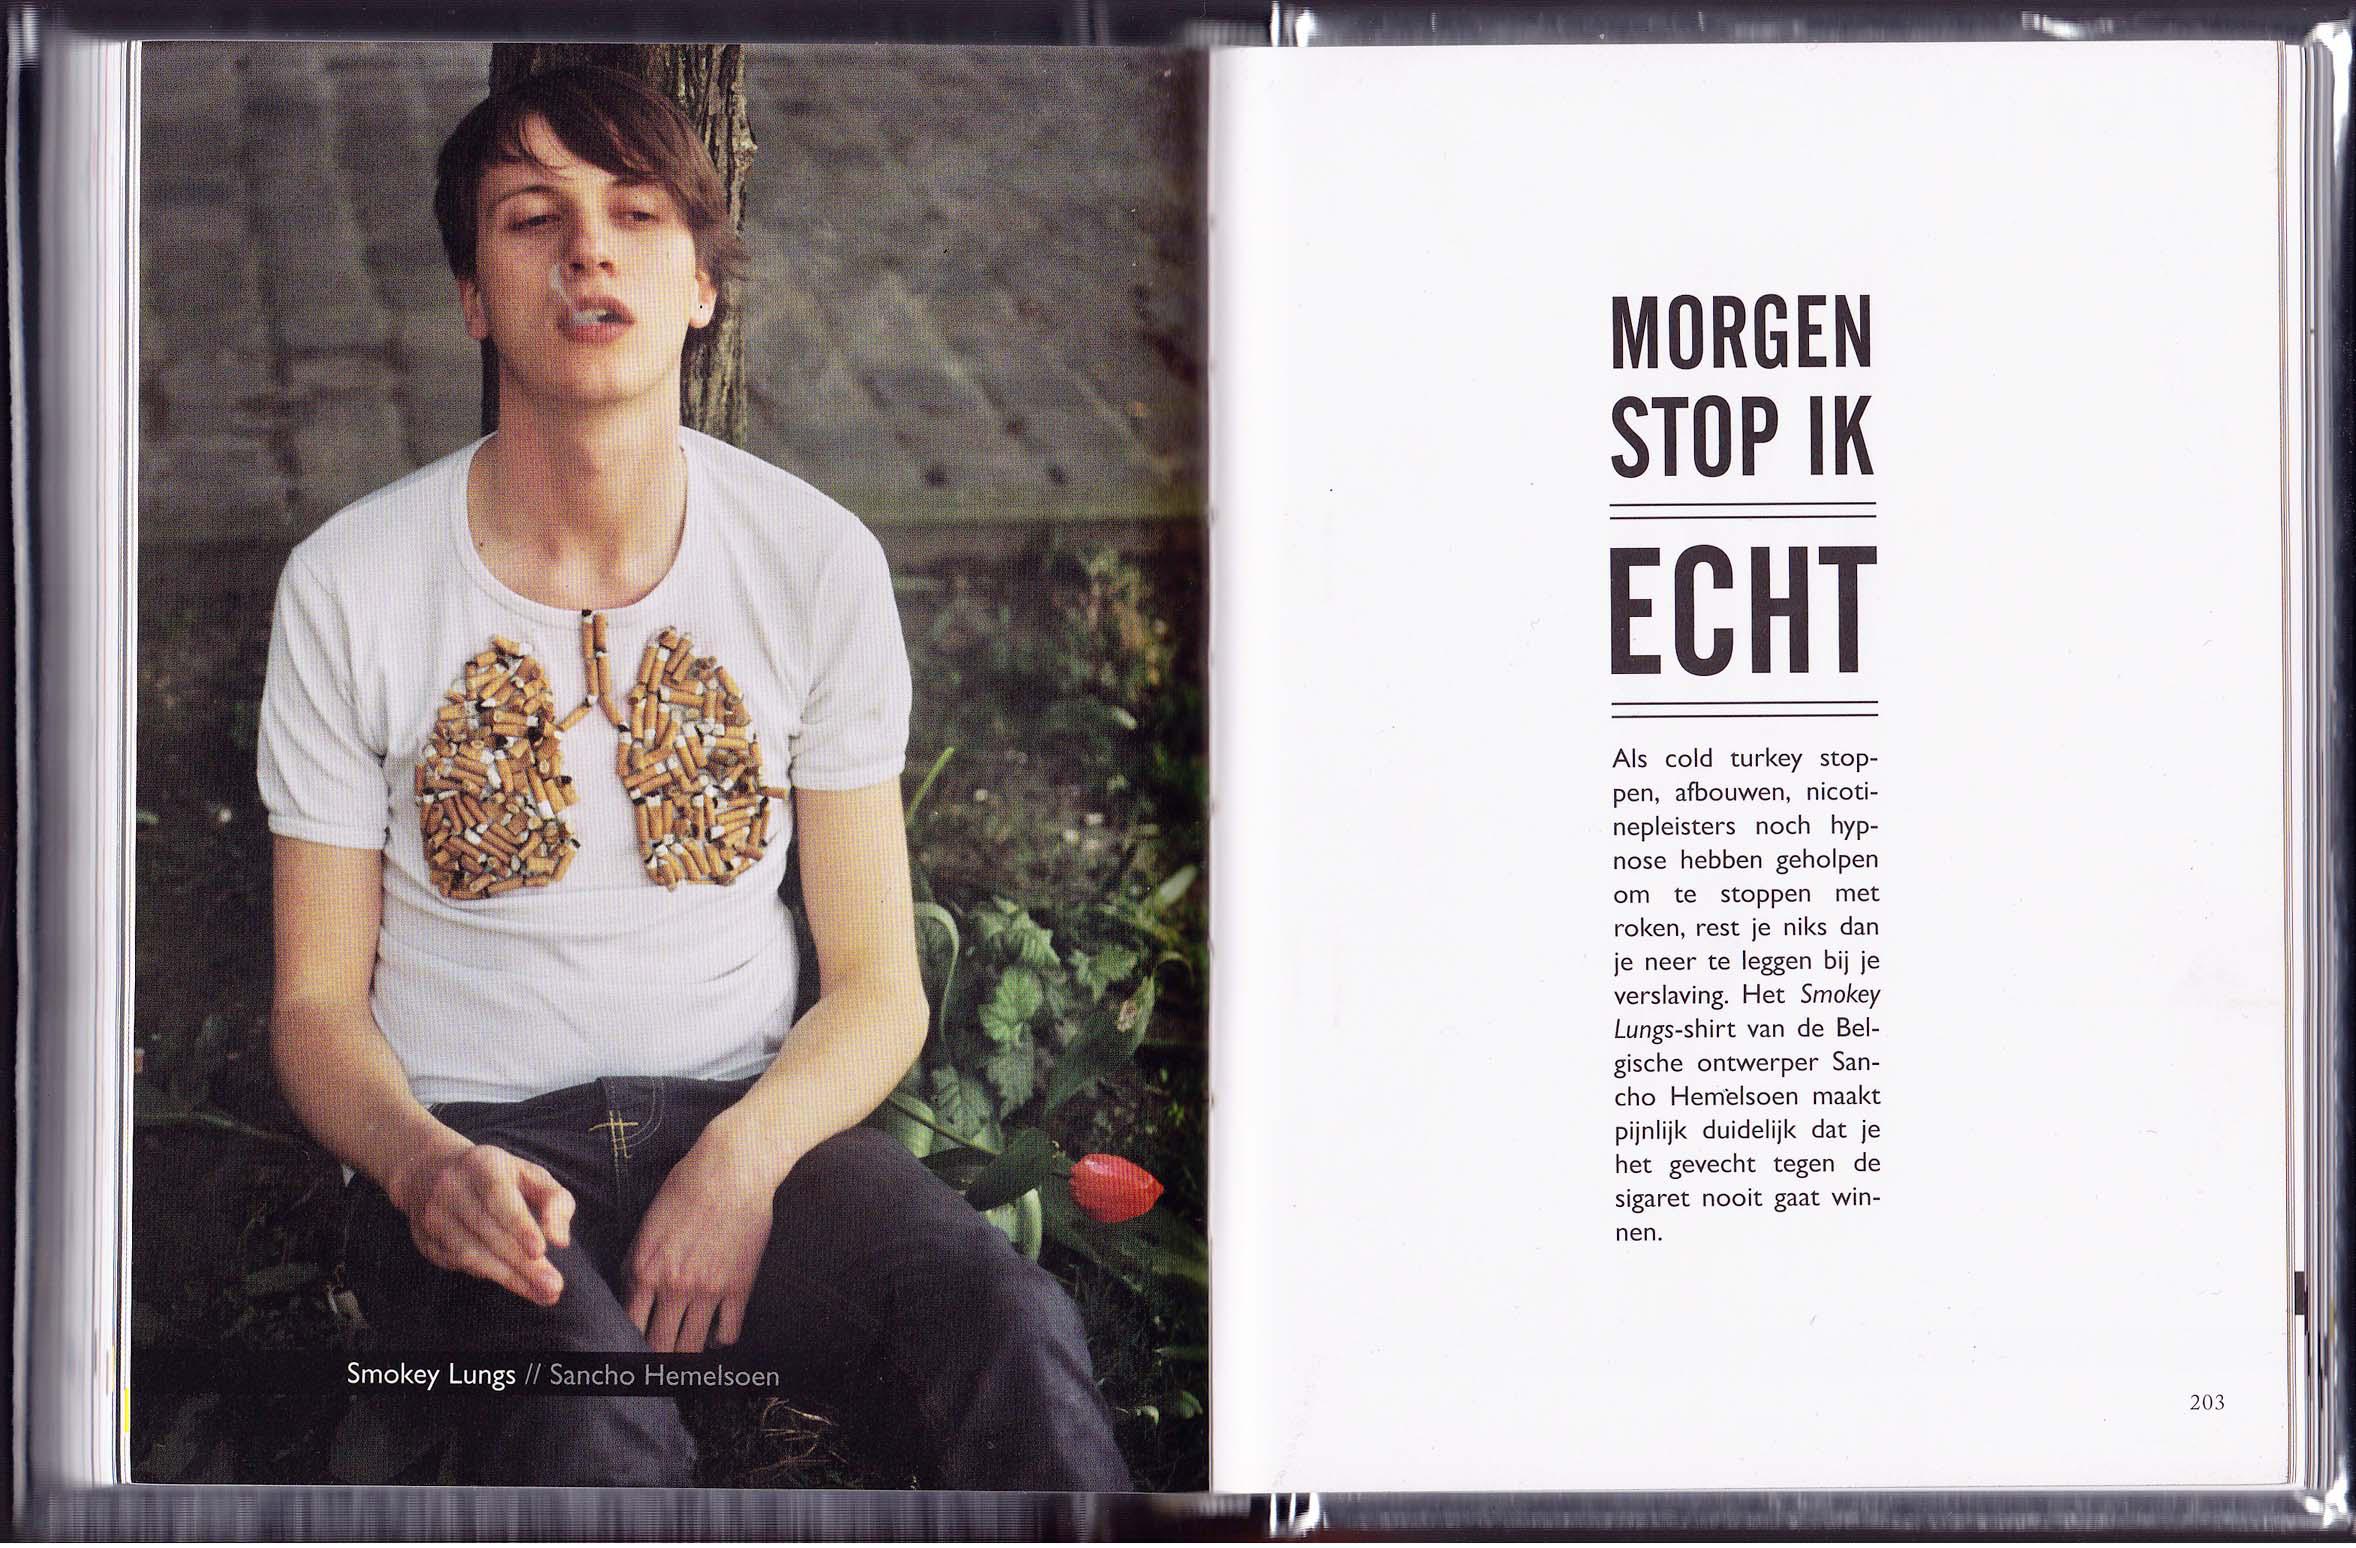 'LOSER' - conceptual art book published in The Netherlands. Edited by Anneloes van Gaaien & Willemijn van Herwijnen.